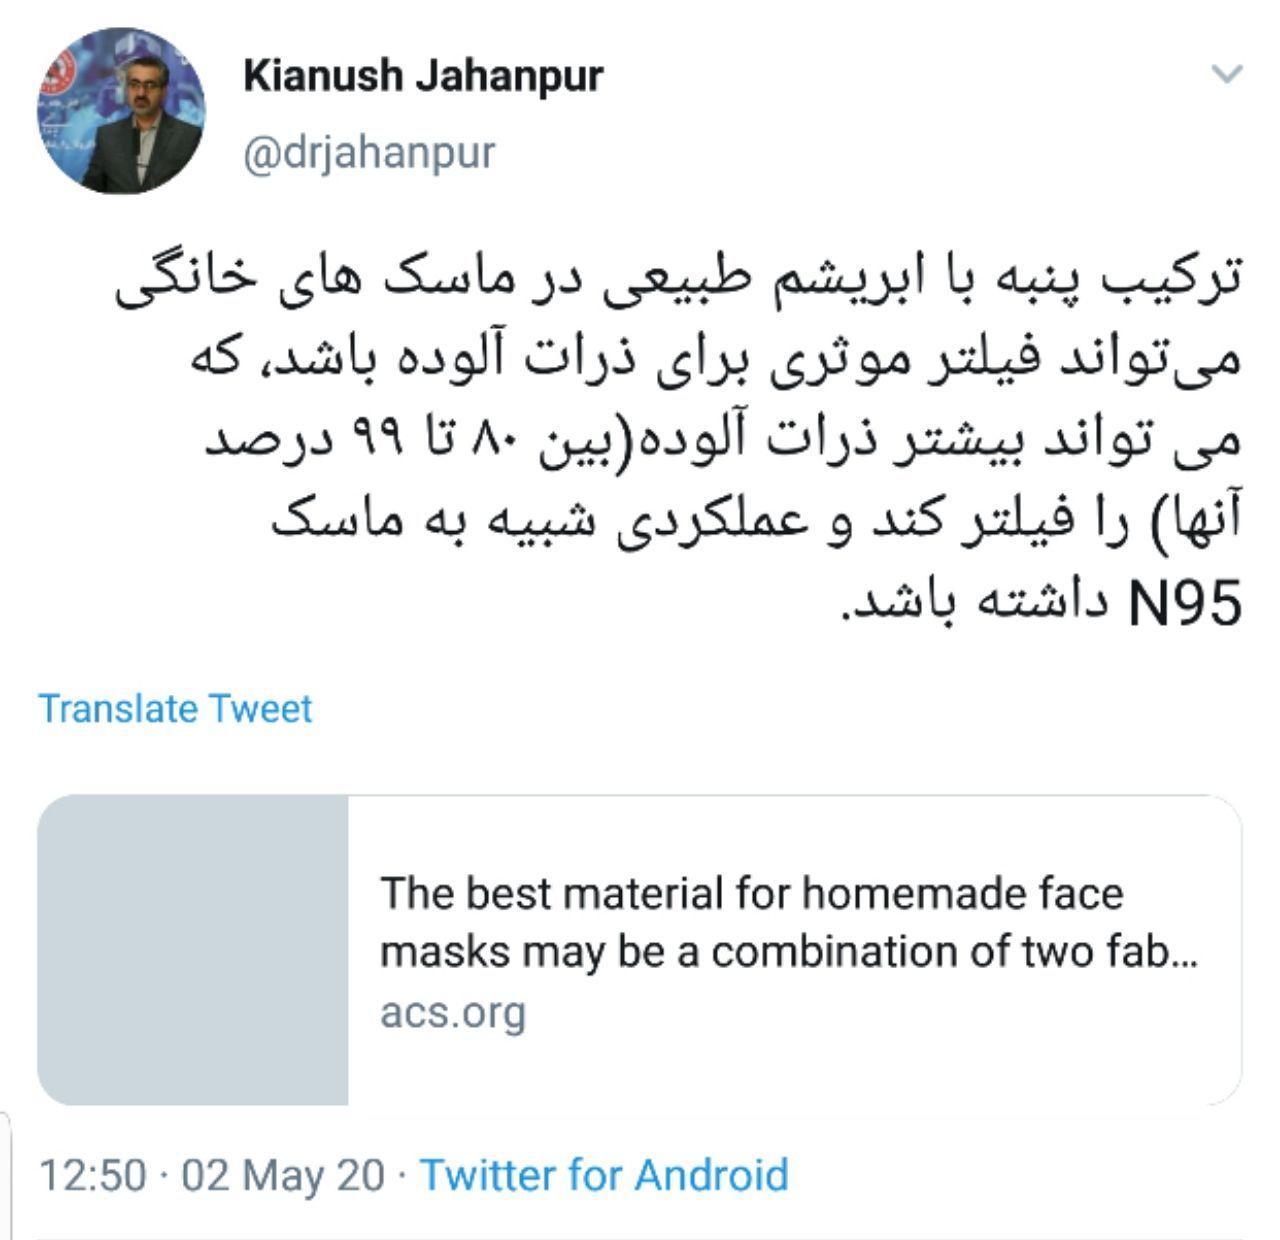 پیشنهاد سخنگوی وزارت بهداشت برای ساخت ماسک کاربردی